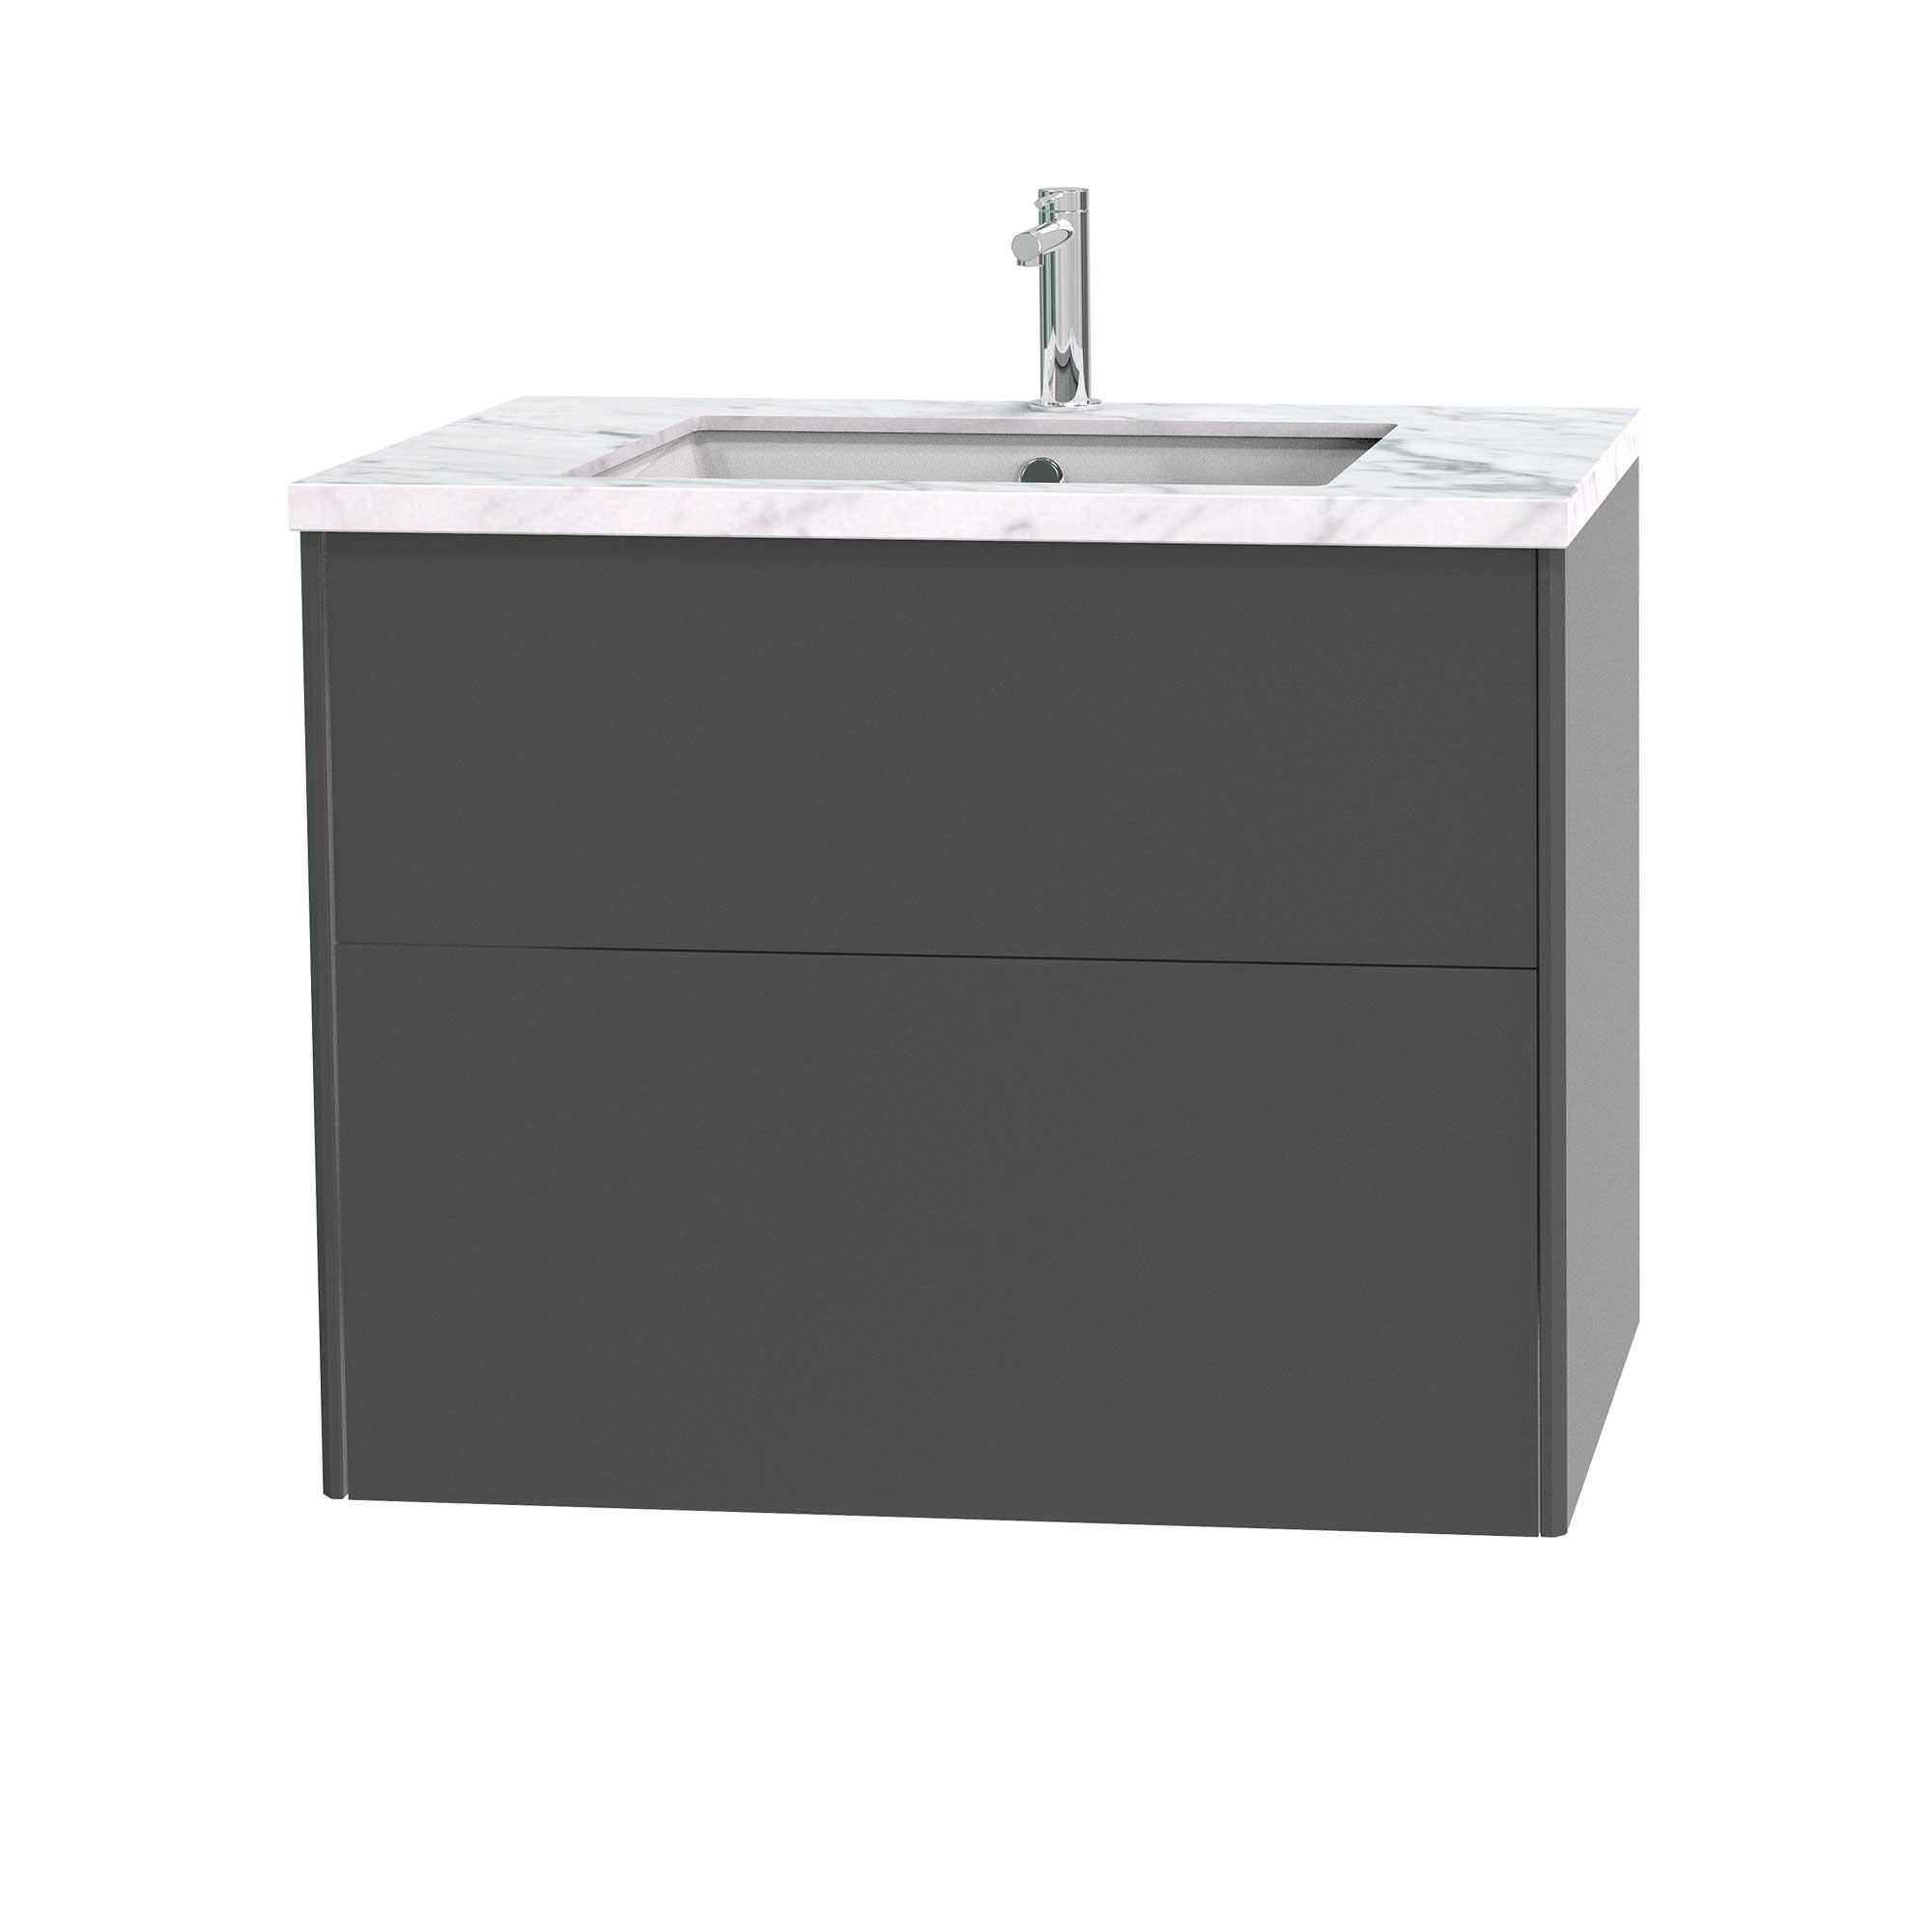 Tvättställsskåp Miller Badrum Brooklyn 80 med Lådor för Bänkskiva